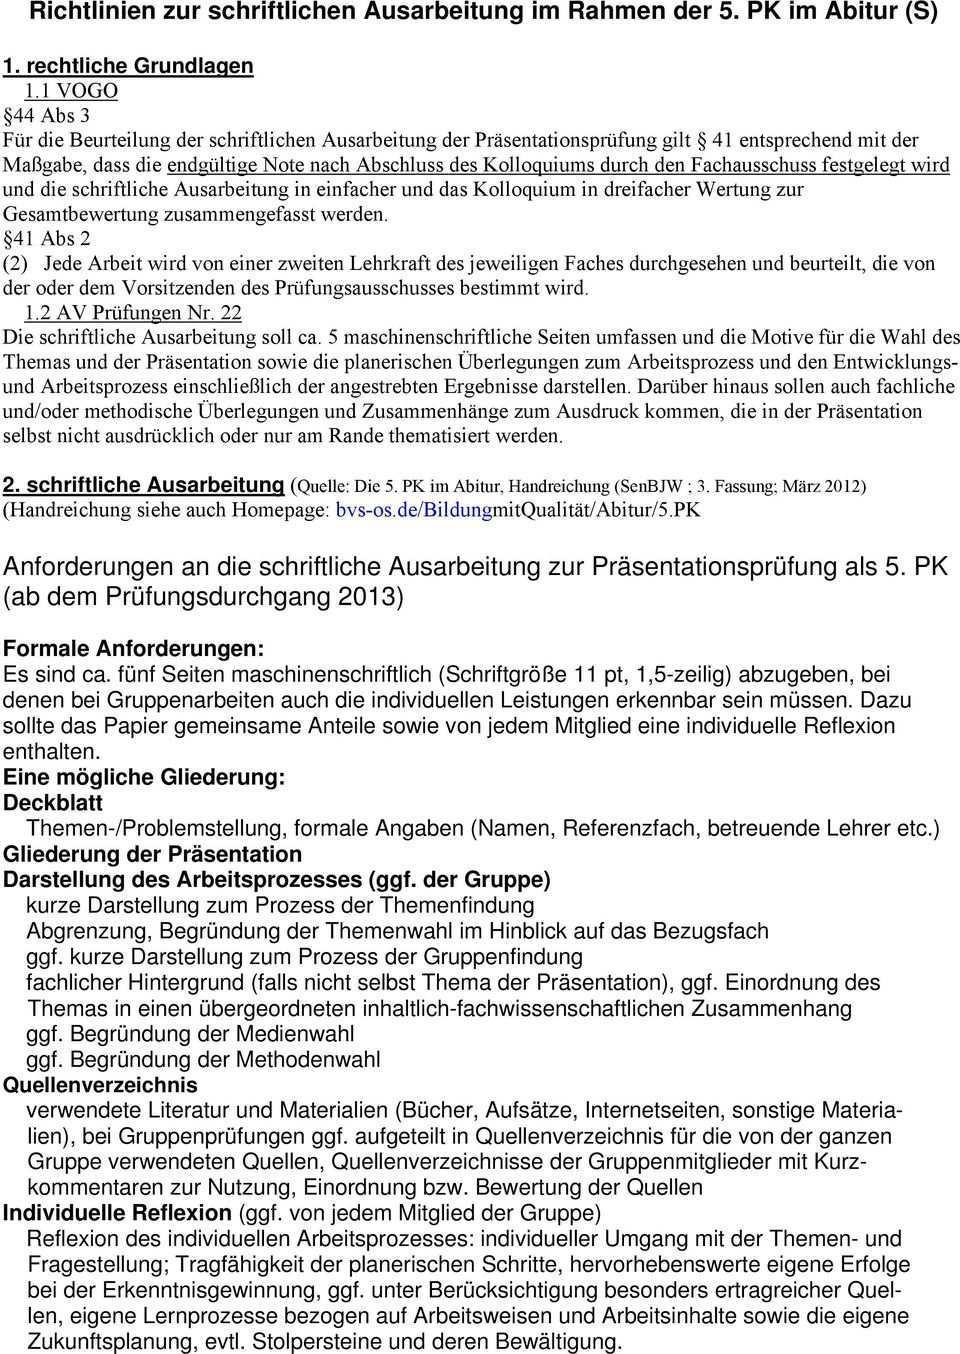 Anforderungen An Die Schriftliche Ausarbeitung Zur Prasentationsprufung Als 5 Pk Ab Dem Prufungsdurchgang 2013 Pdf Free Download